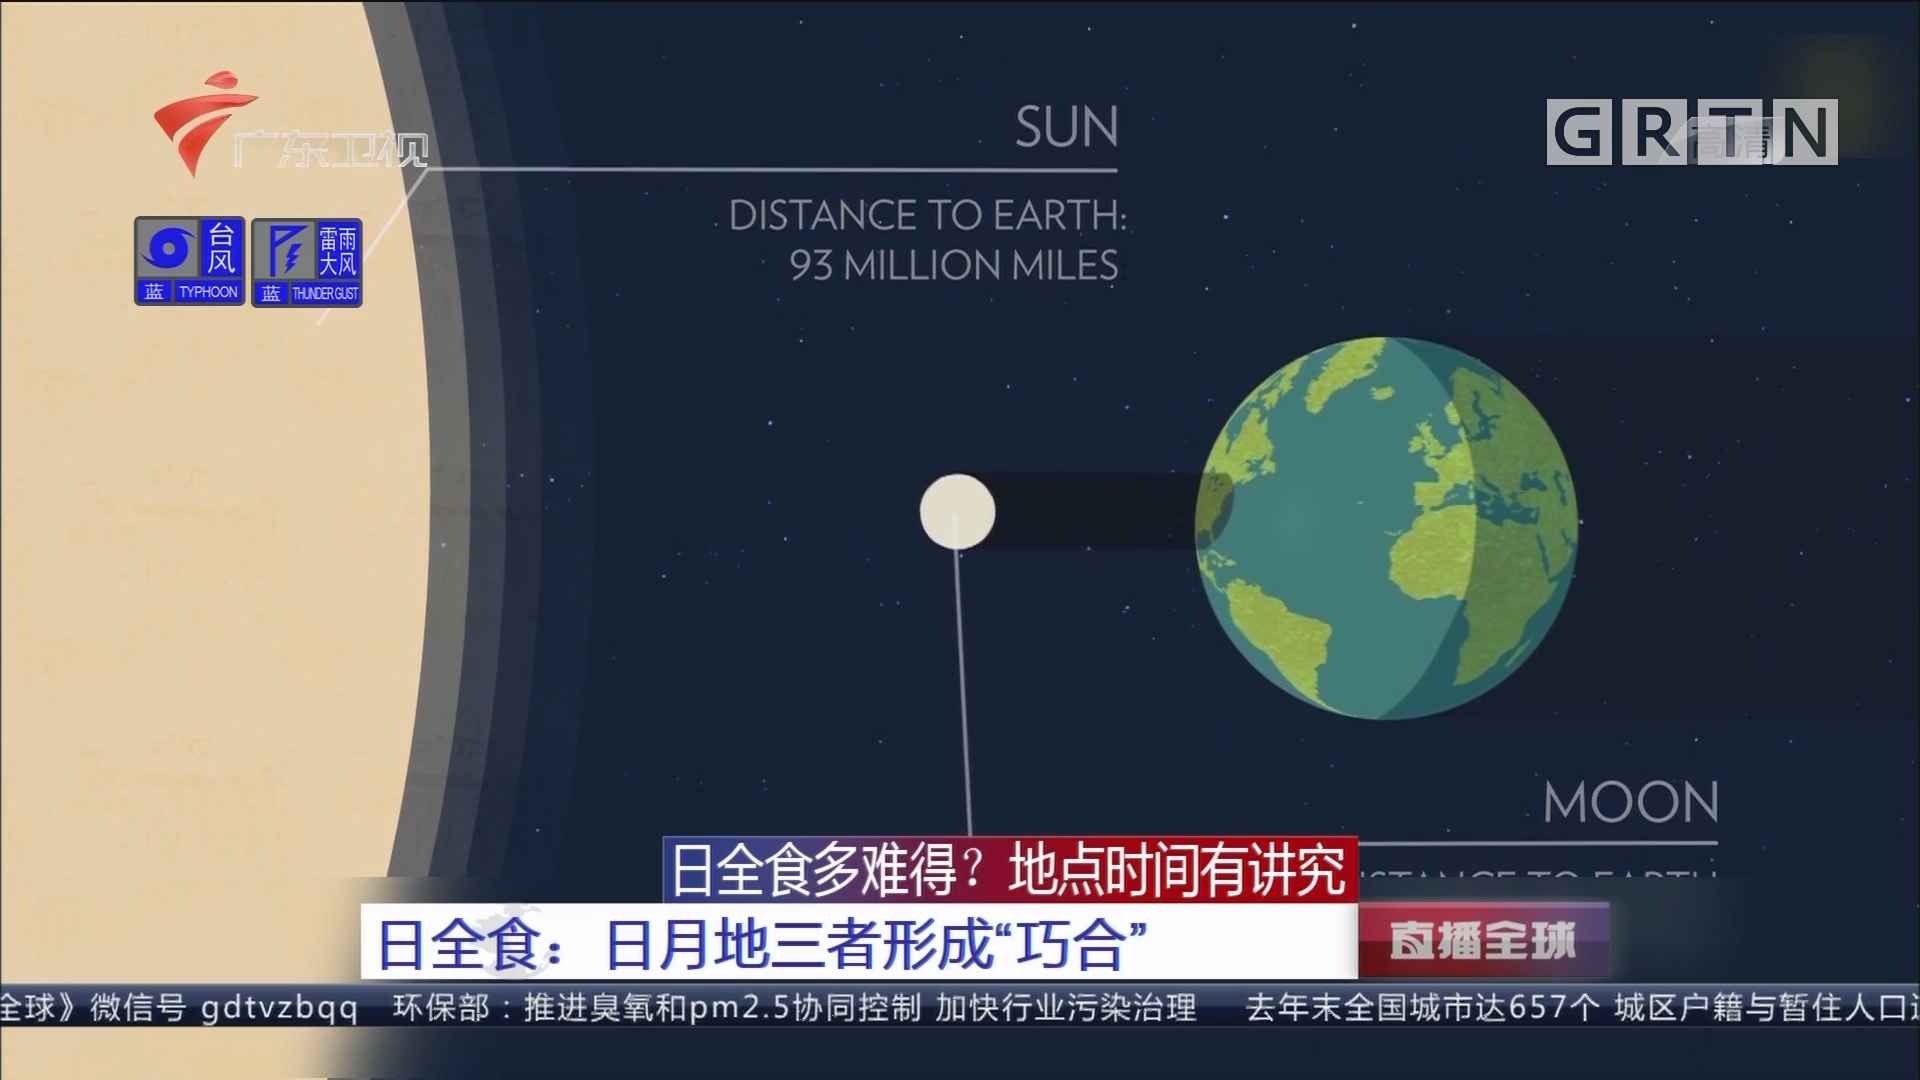 """日全食多难得?地点时间有讲究 日全食:日月地三者形成""""巧合"""""""